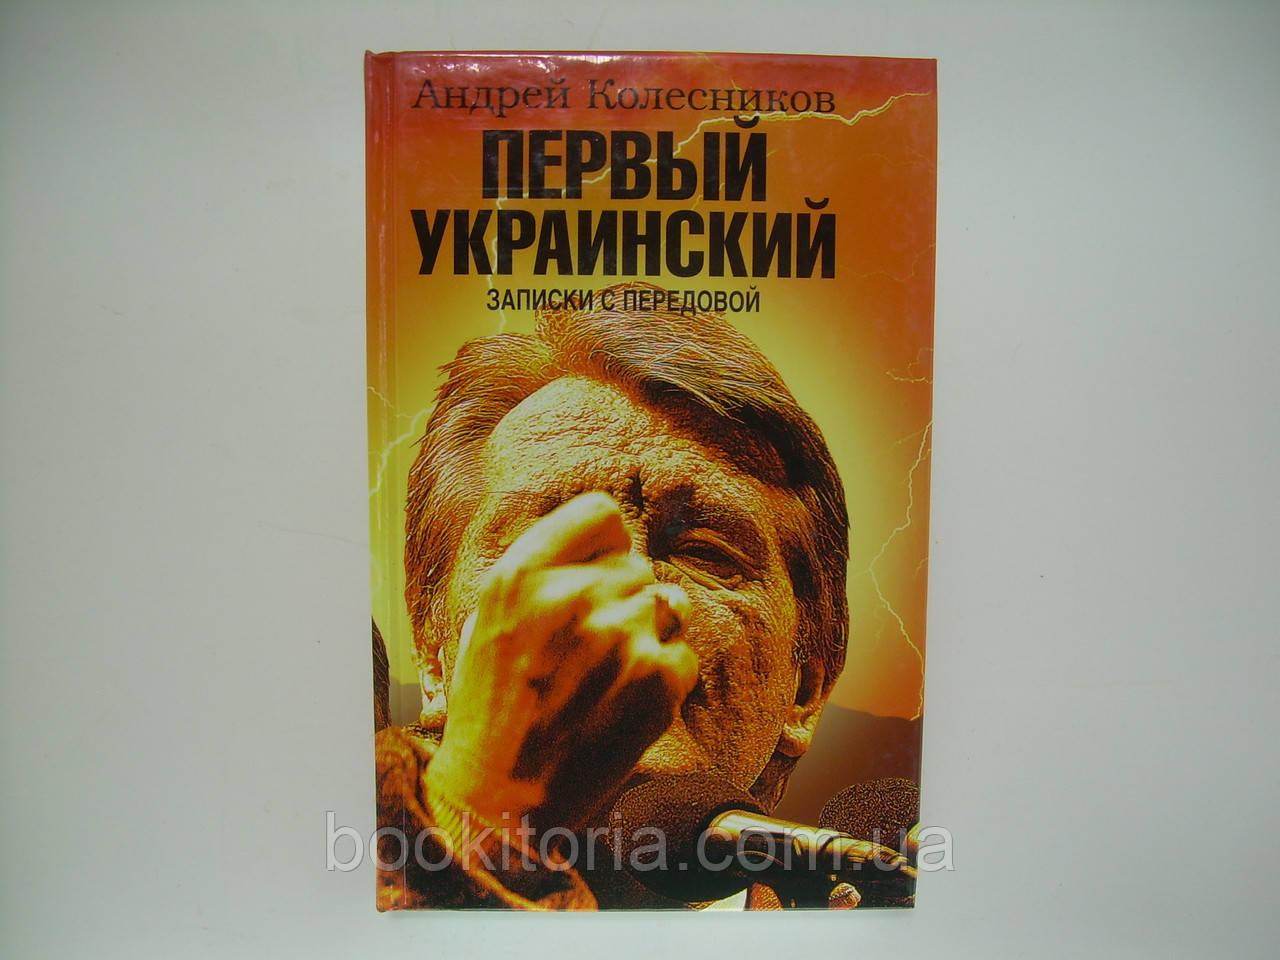 Колесников А. Первый украинский. Записки с передовой (б/у).